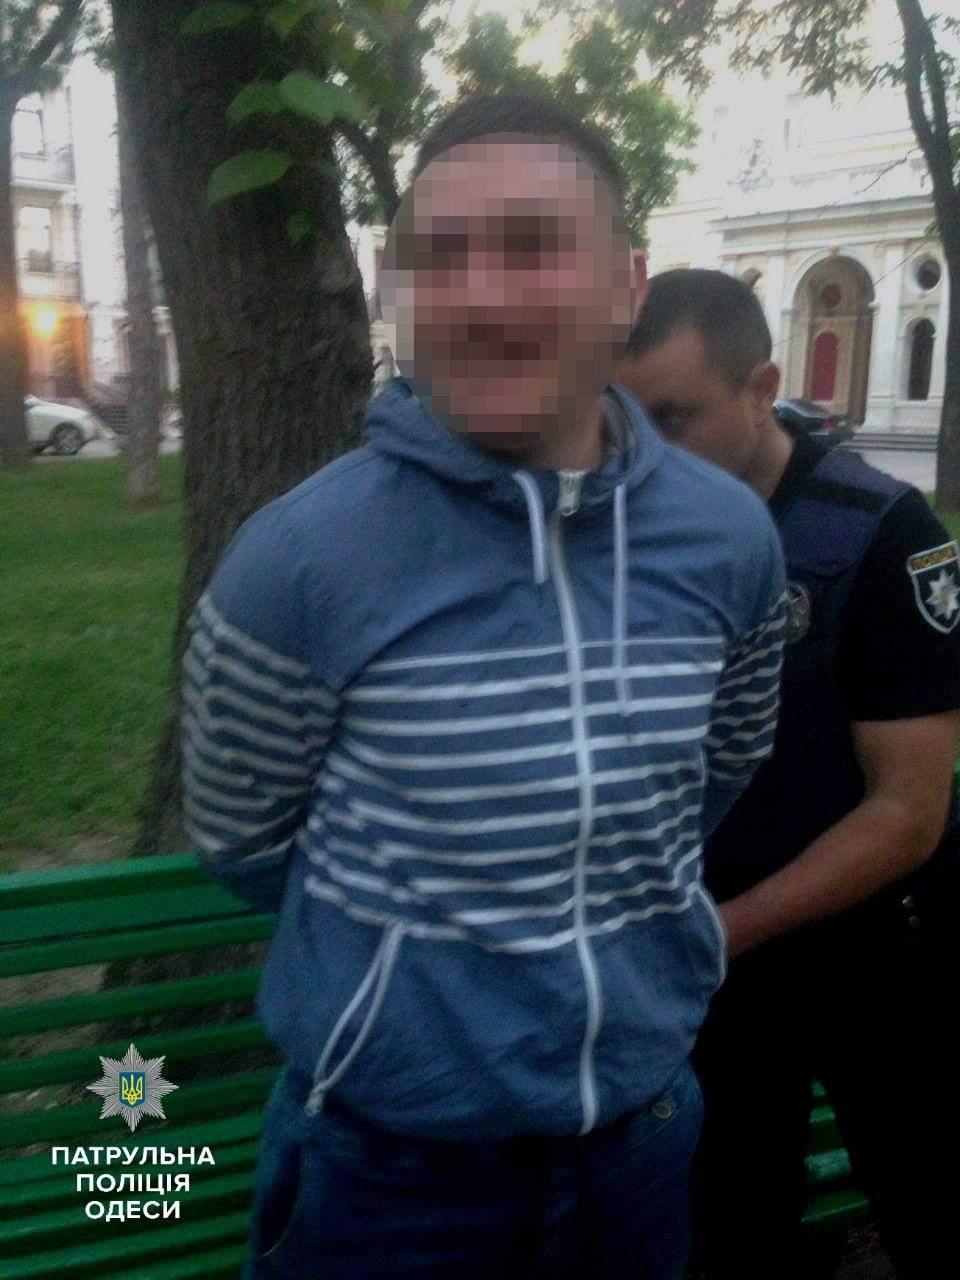 Одесса криминальная: возле Оперного театра случилась перестрелка, есть раненые (фото)